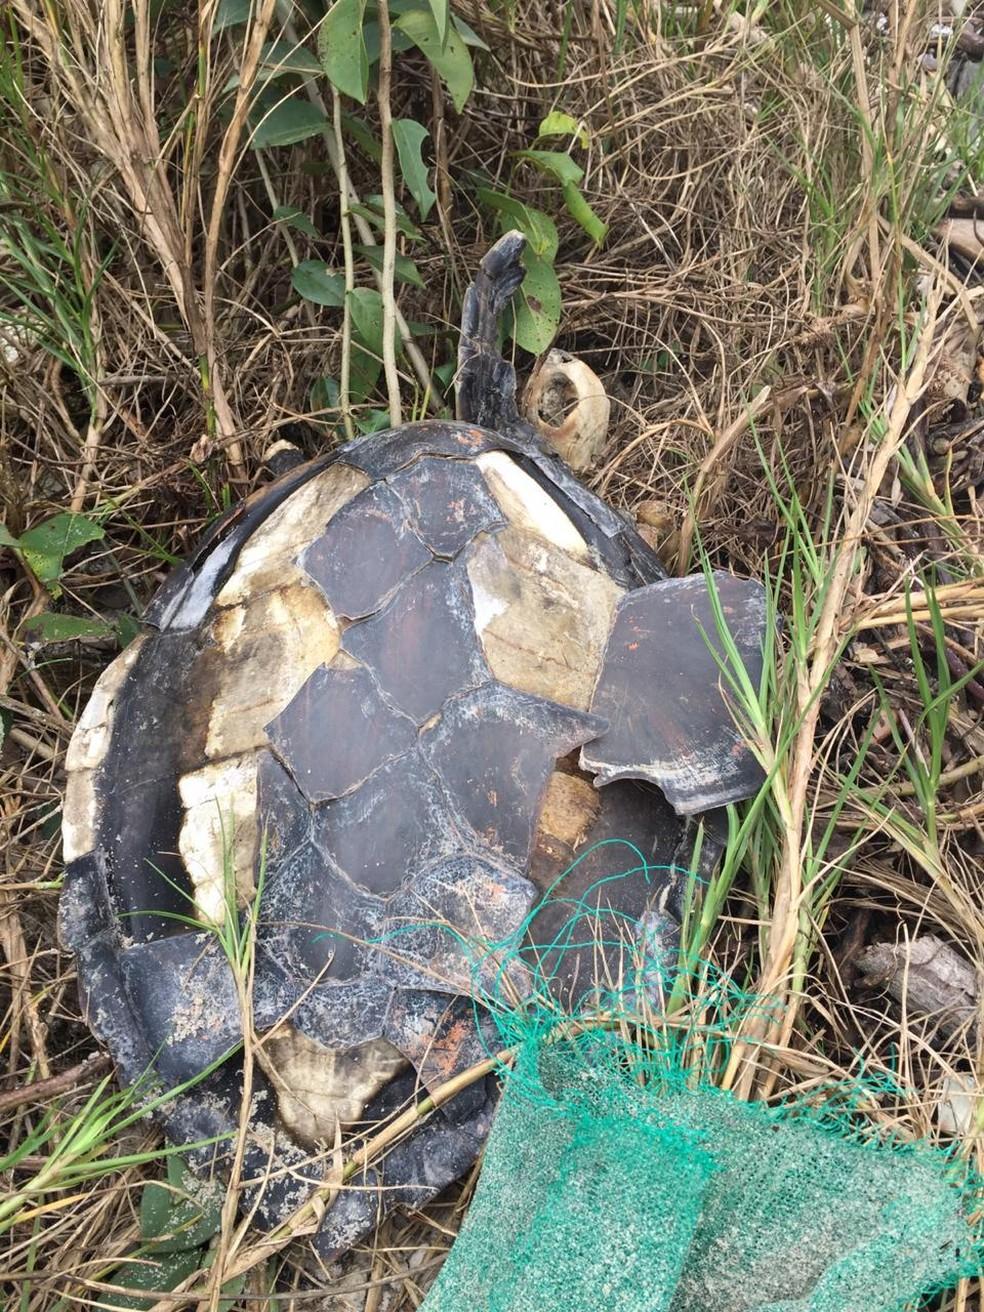 Salles disse que durante a ação encontraram uma tartaruga morta, já perdendo os cascos por não ter conseguido voltar para o mar — Foto: Arquivo pessoal/José Augusto Correia Salles